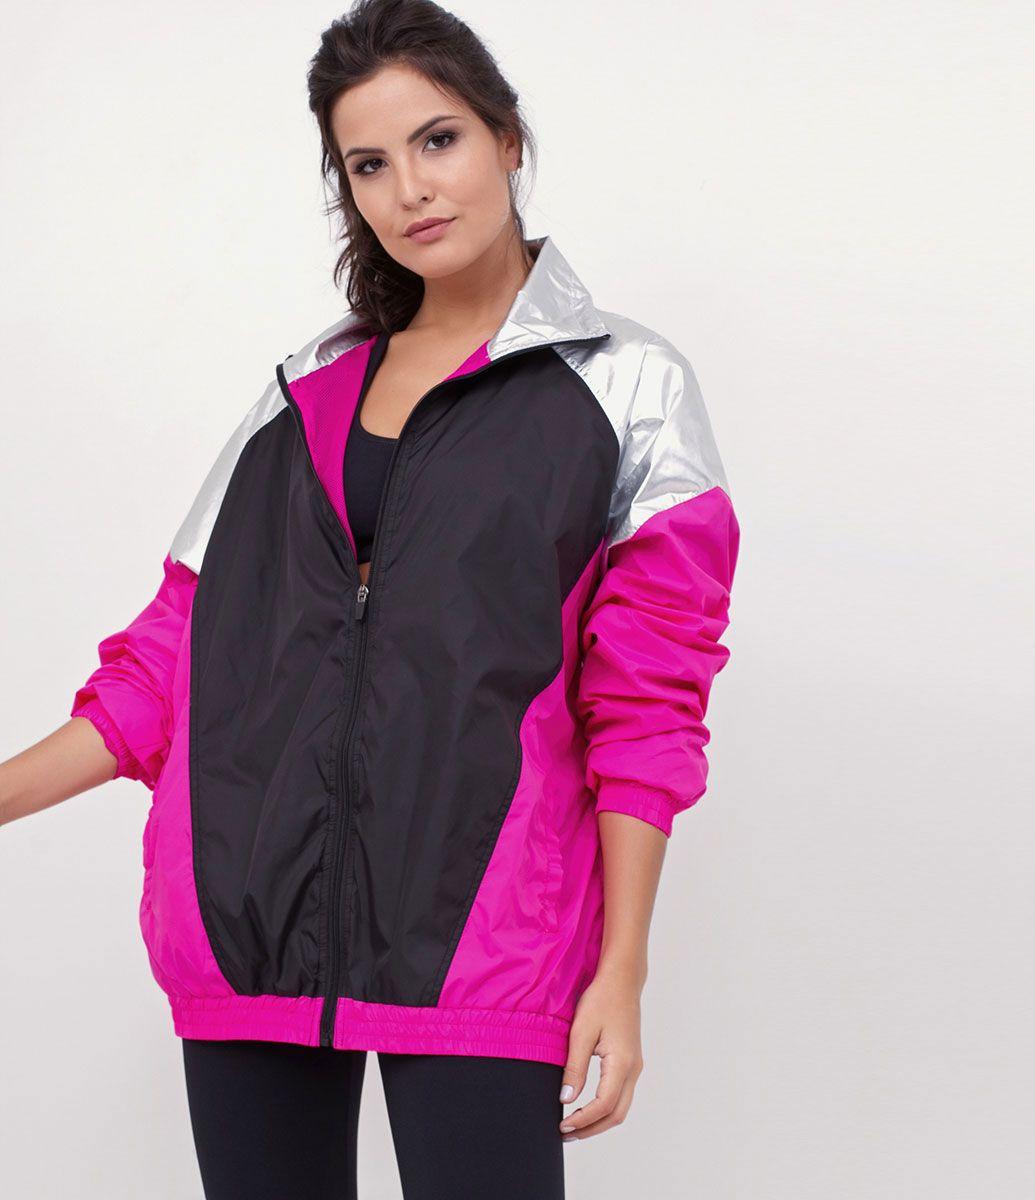 Jaqueta feminina Modelo esportiva Multicores Fechamento de zíper Com bolsos  Marca  Get Over Tecido  f36c6eaa29d